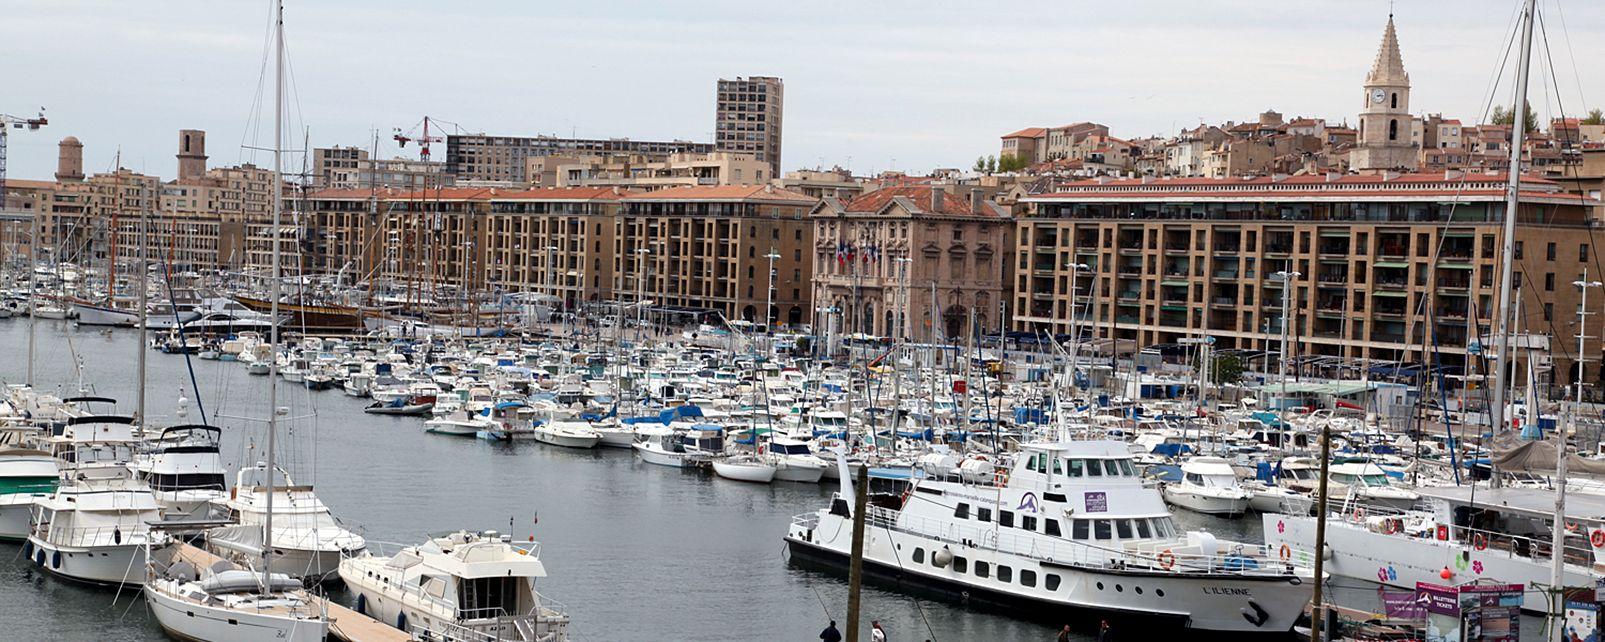 Hôtel Grand Hotel Beauvau Marseille Vieux Port